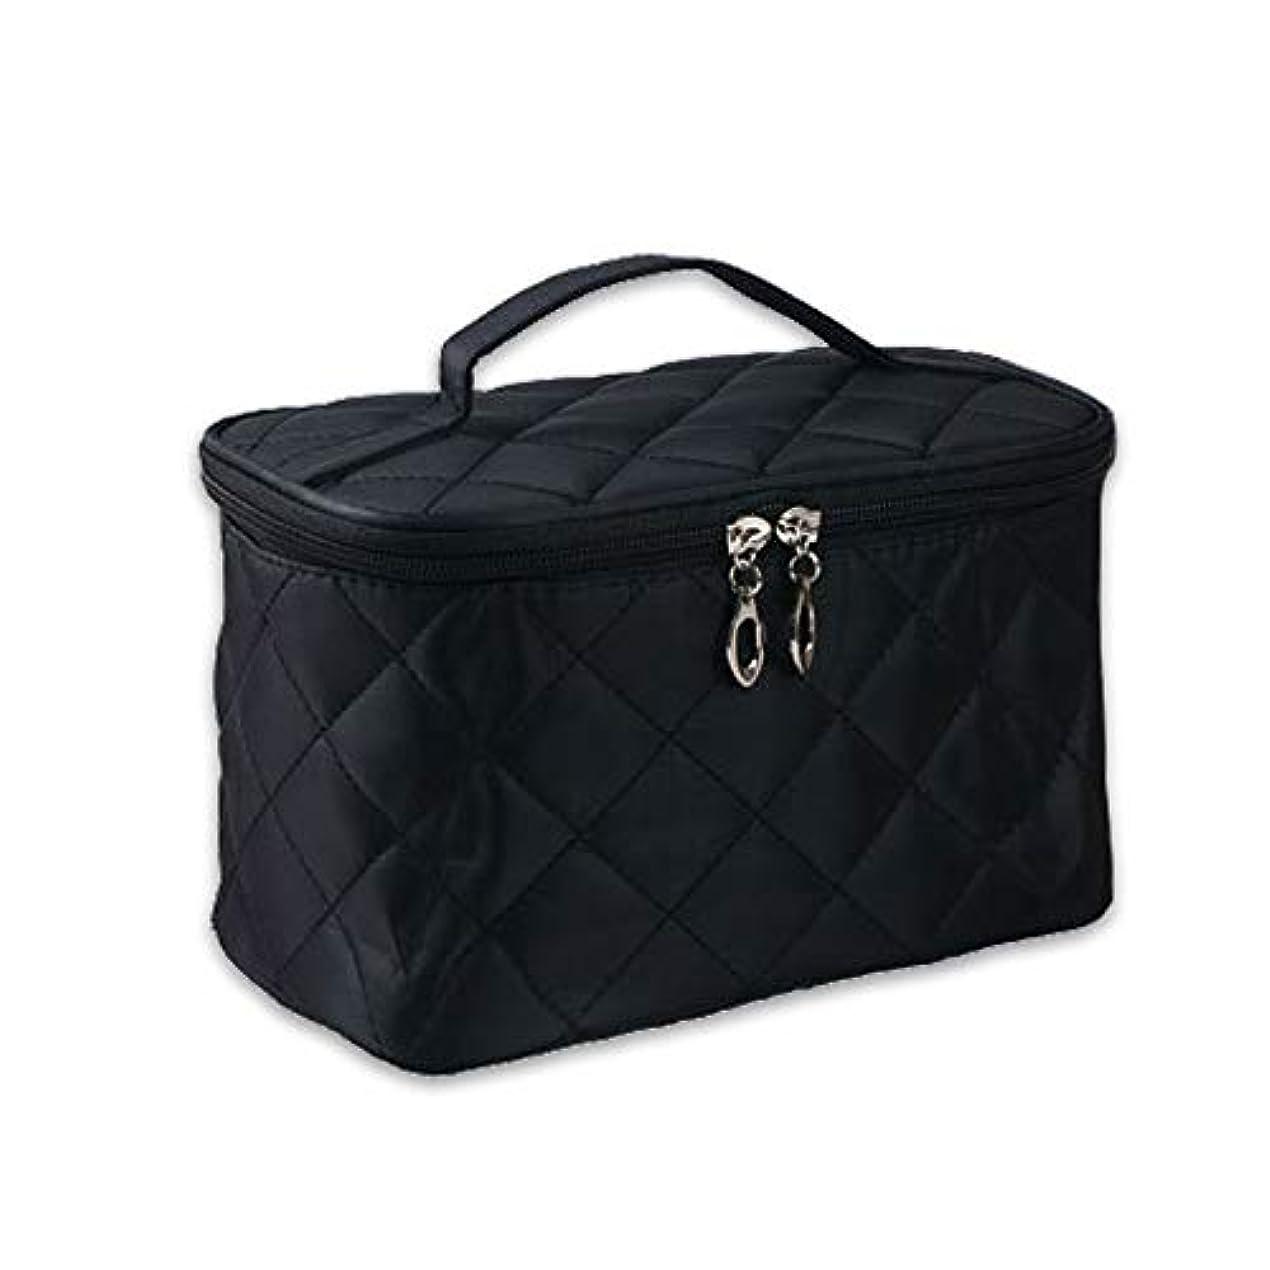 化粧反対するジレンマ女性 化粧品メイクバッグ 収納オーガナイザーバッグ 剤洗浄ツール フォールド ジッパーデザイン ナイロン ブラック